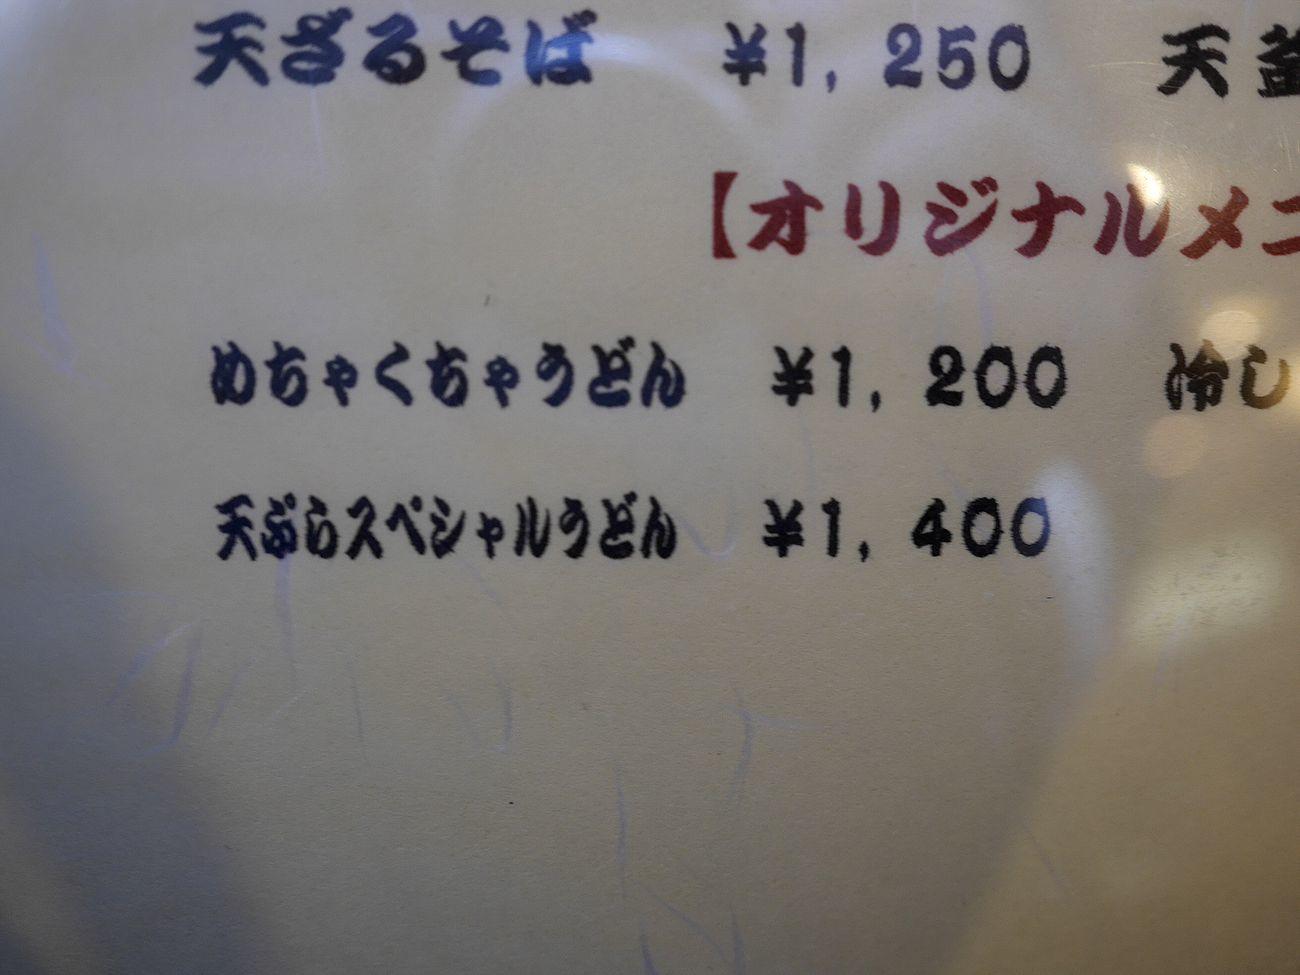 _1350177.jpg